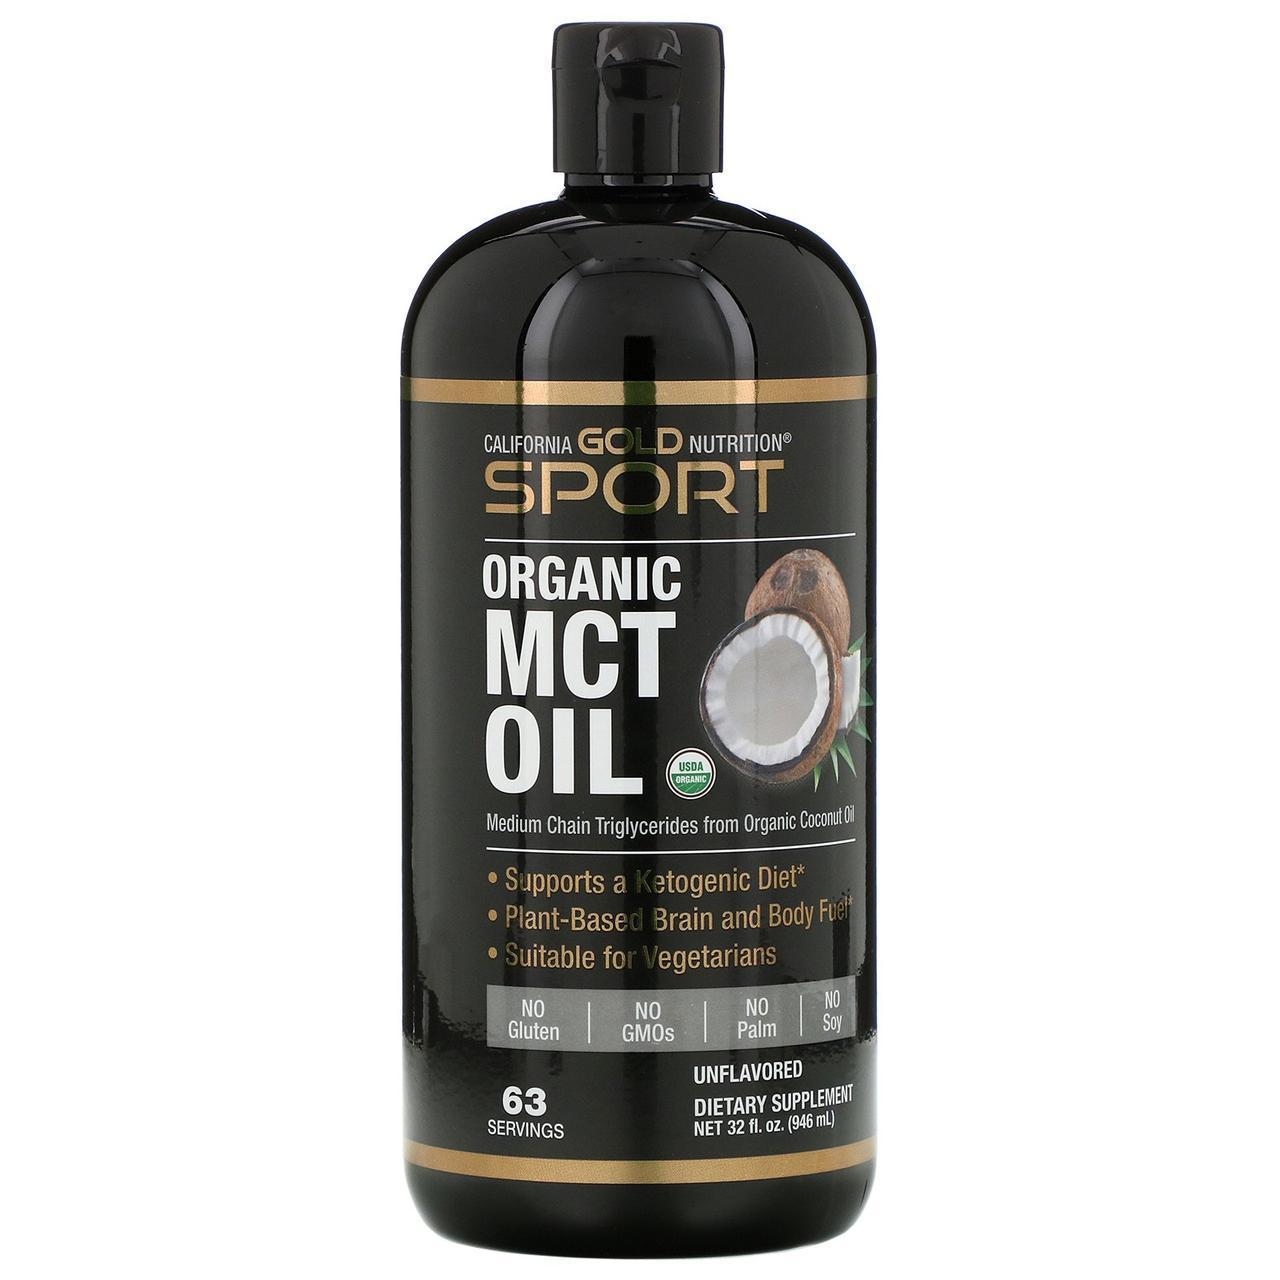 Органическое масло MCT, неароматизированное, 946 мл California Gold Nutrition, SPORTS